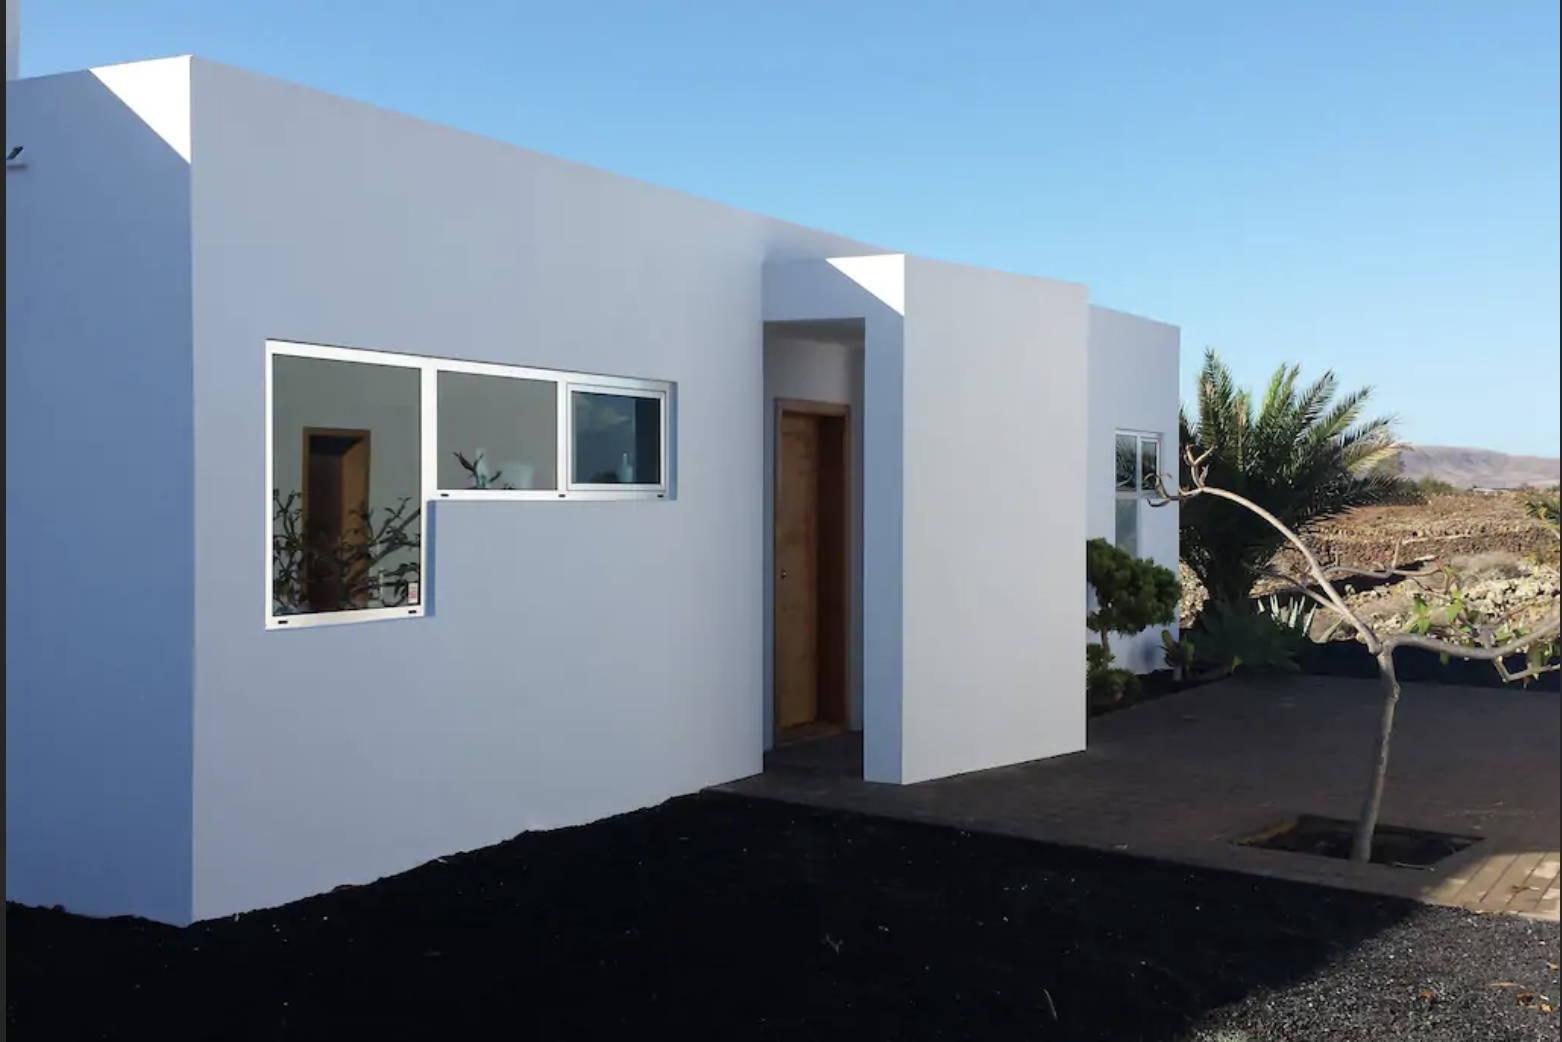 Maison design fuerteventura